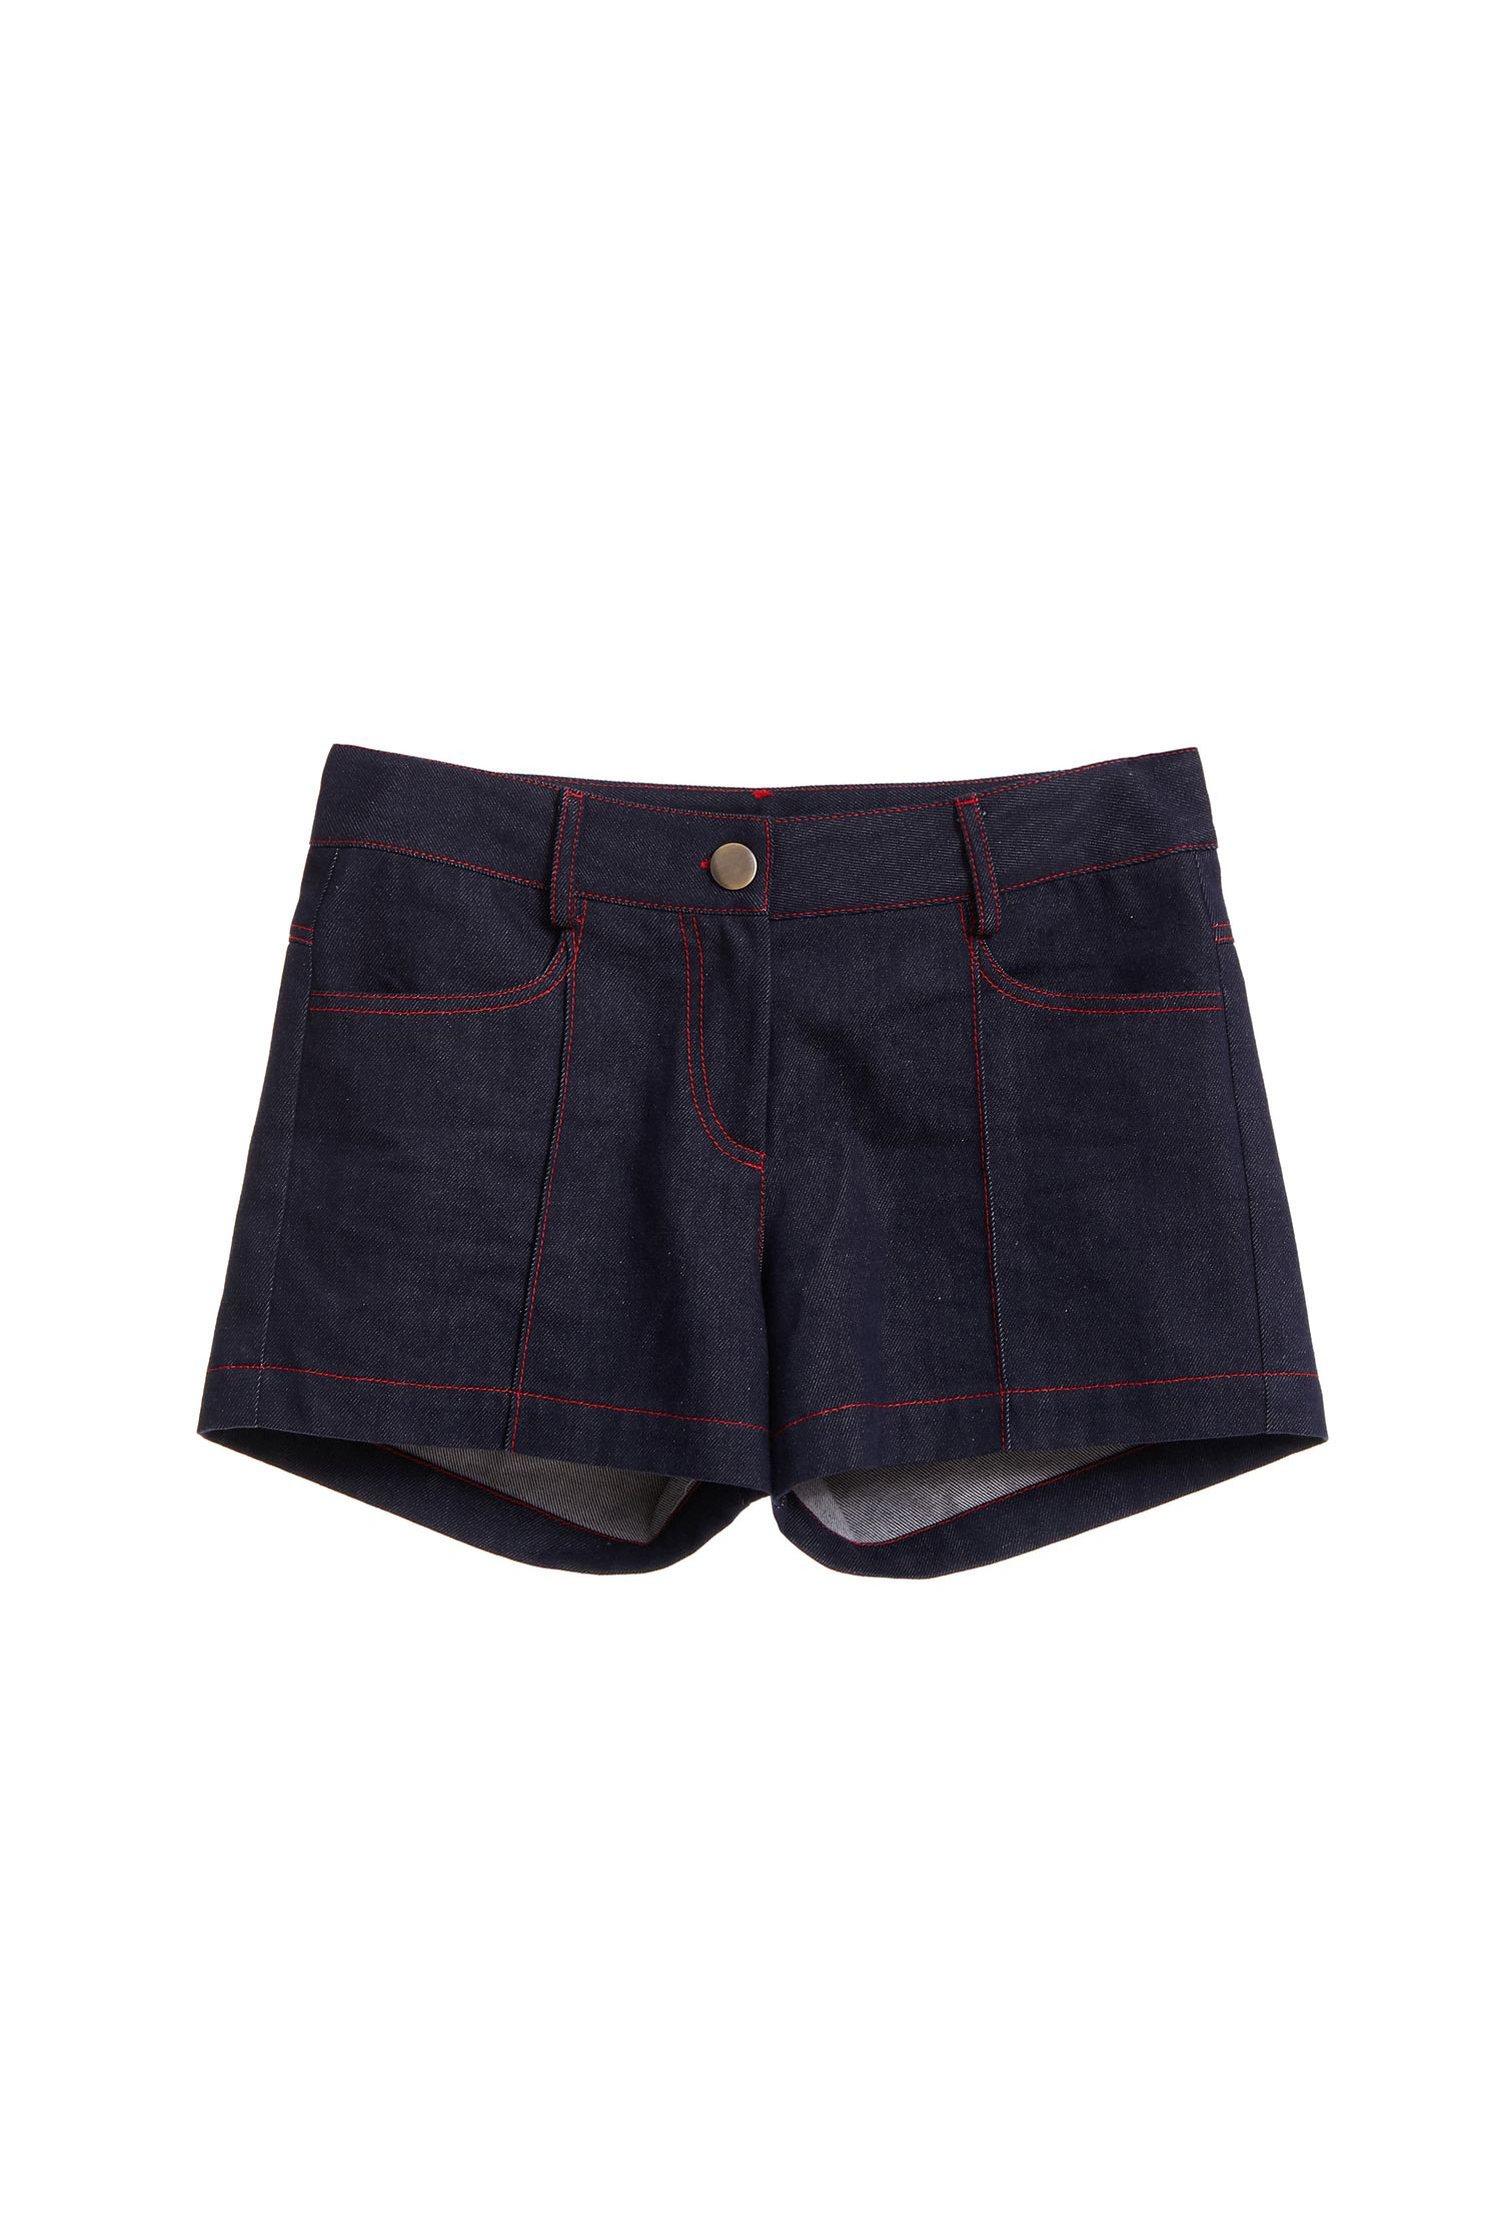 Red threads denim shorts